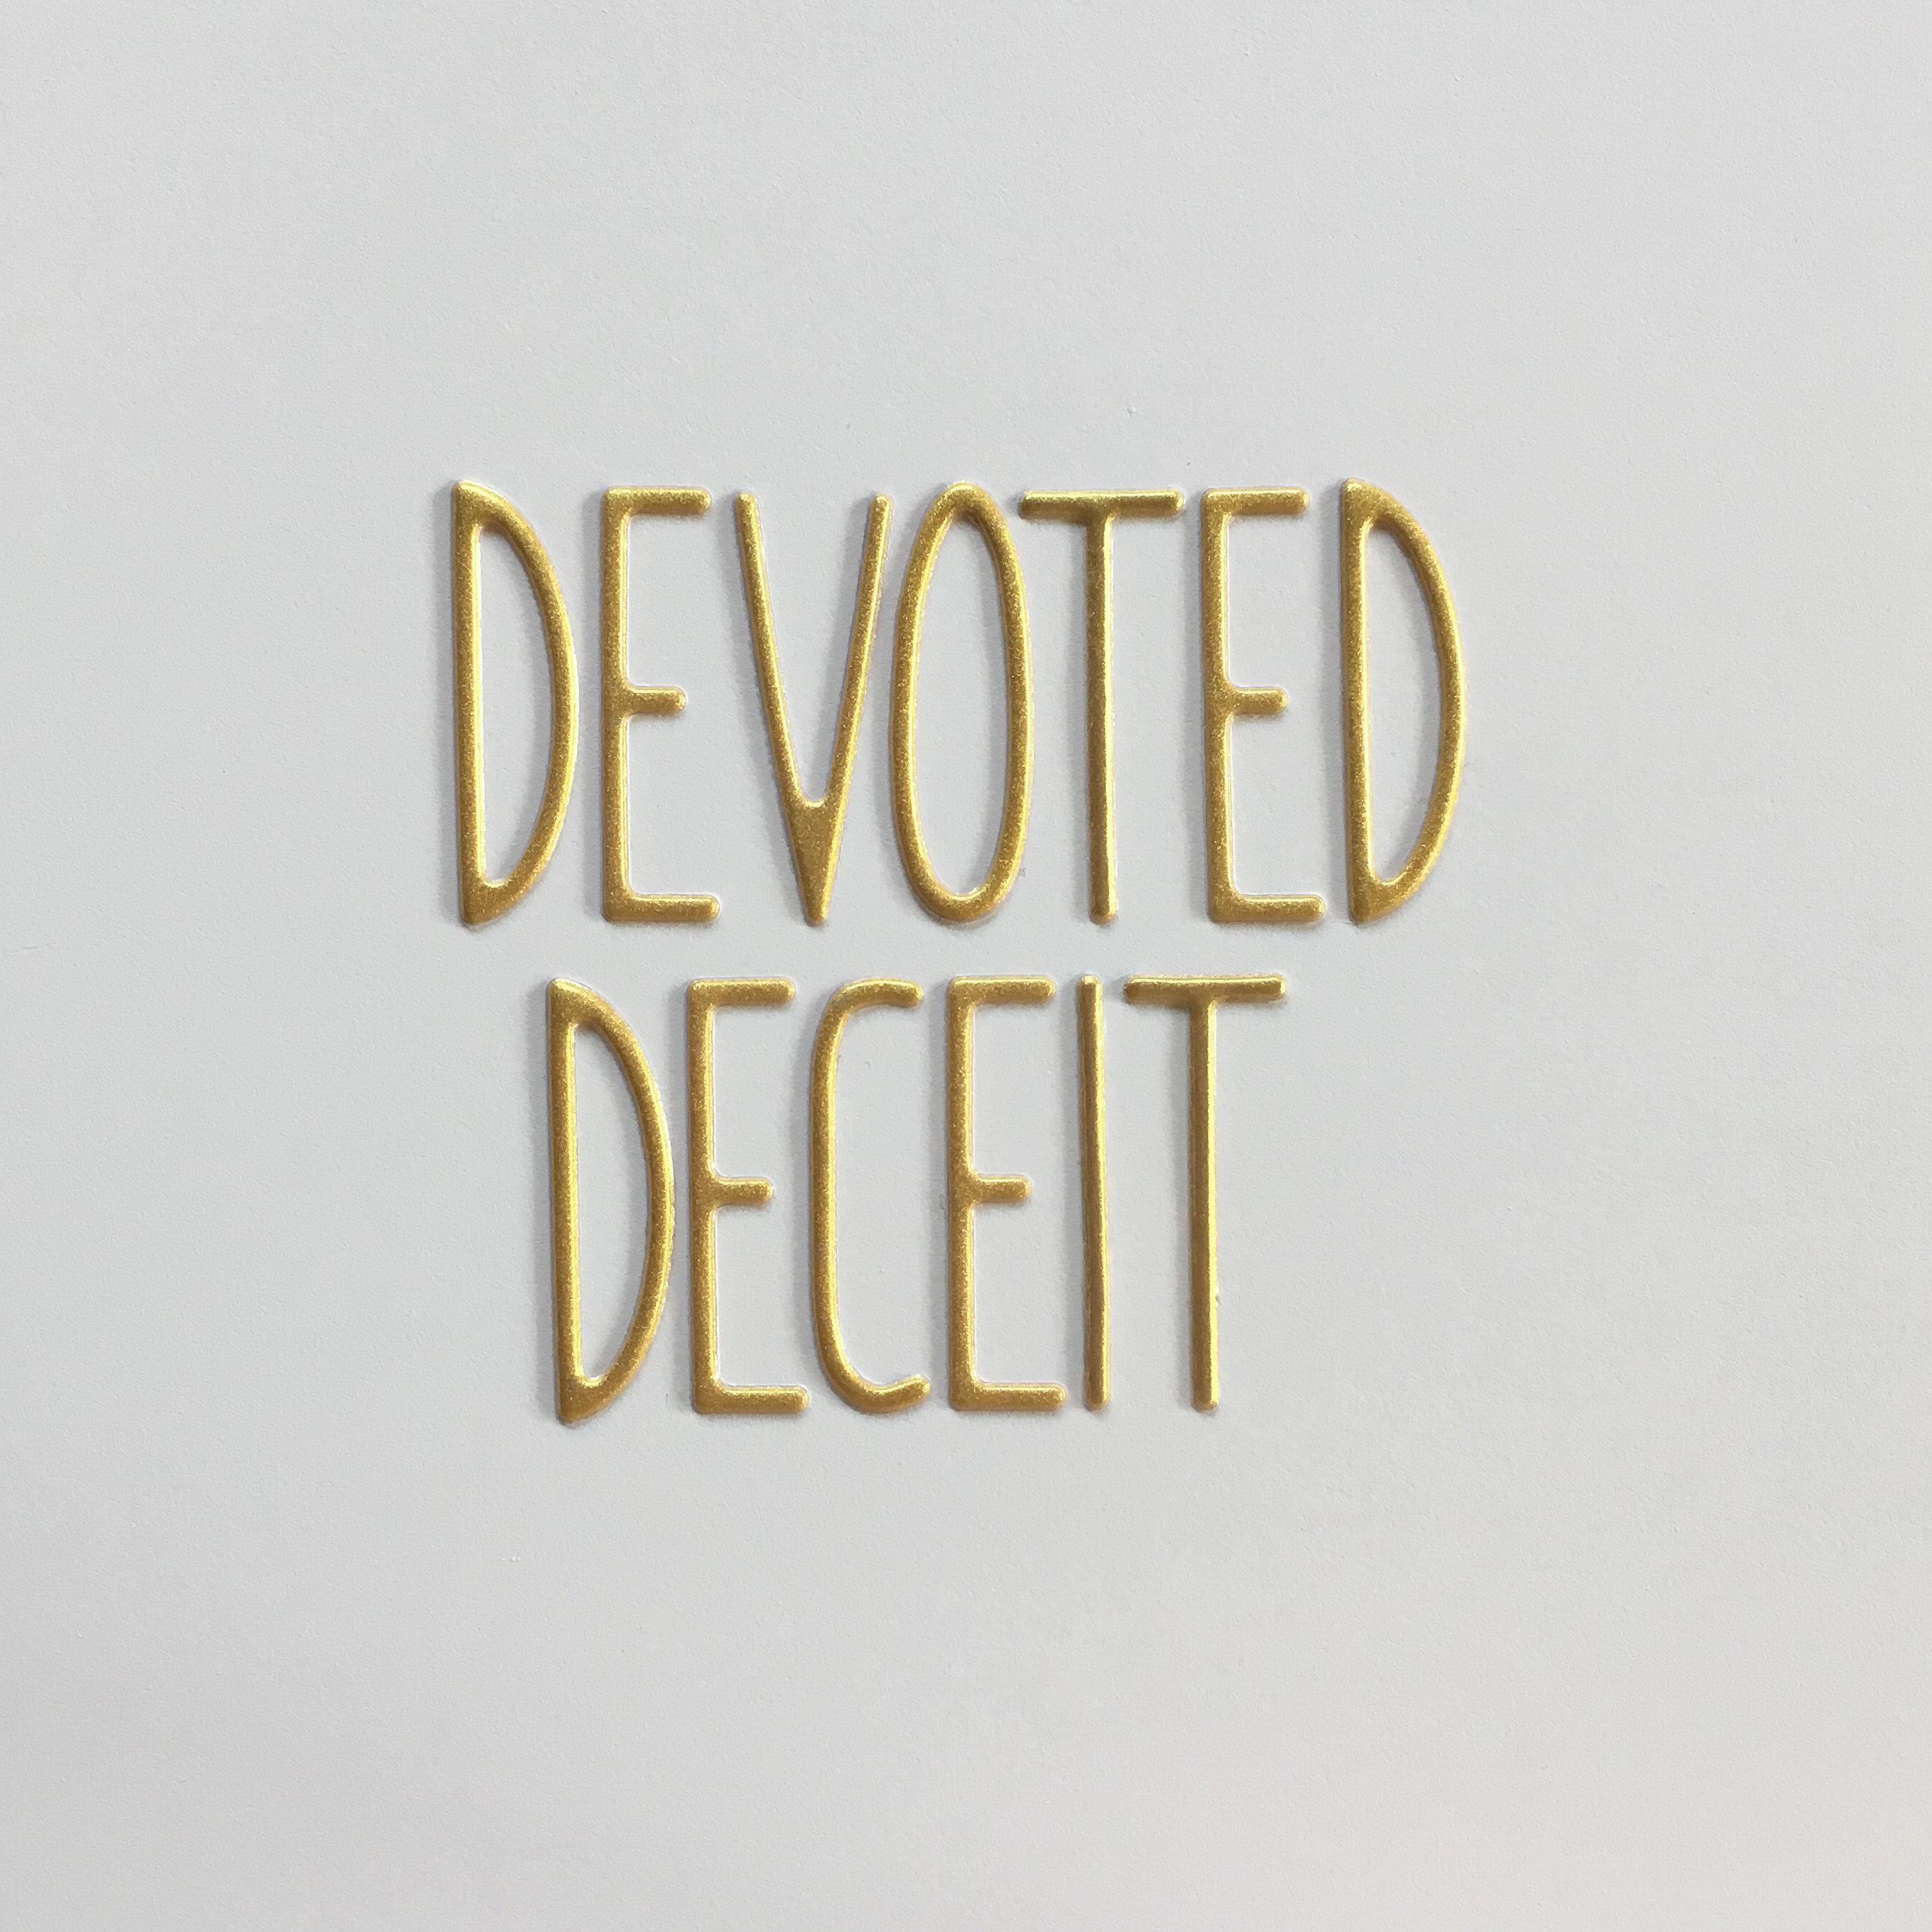 devoted deceit.jpg